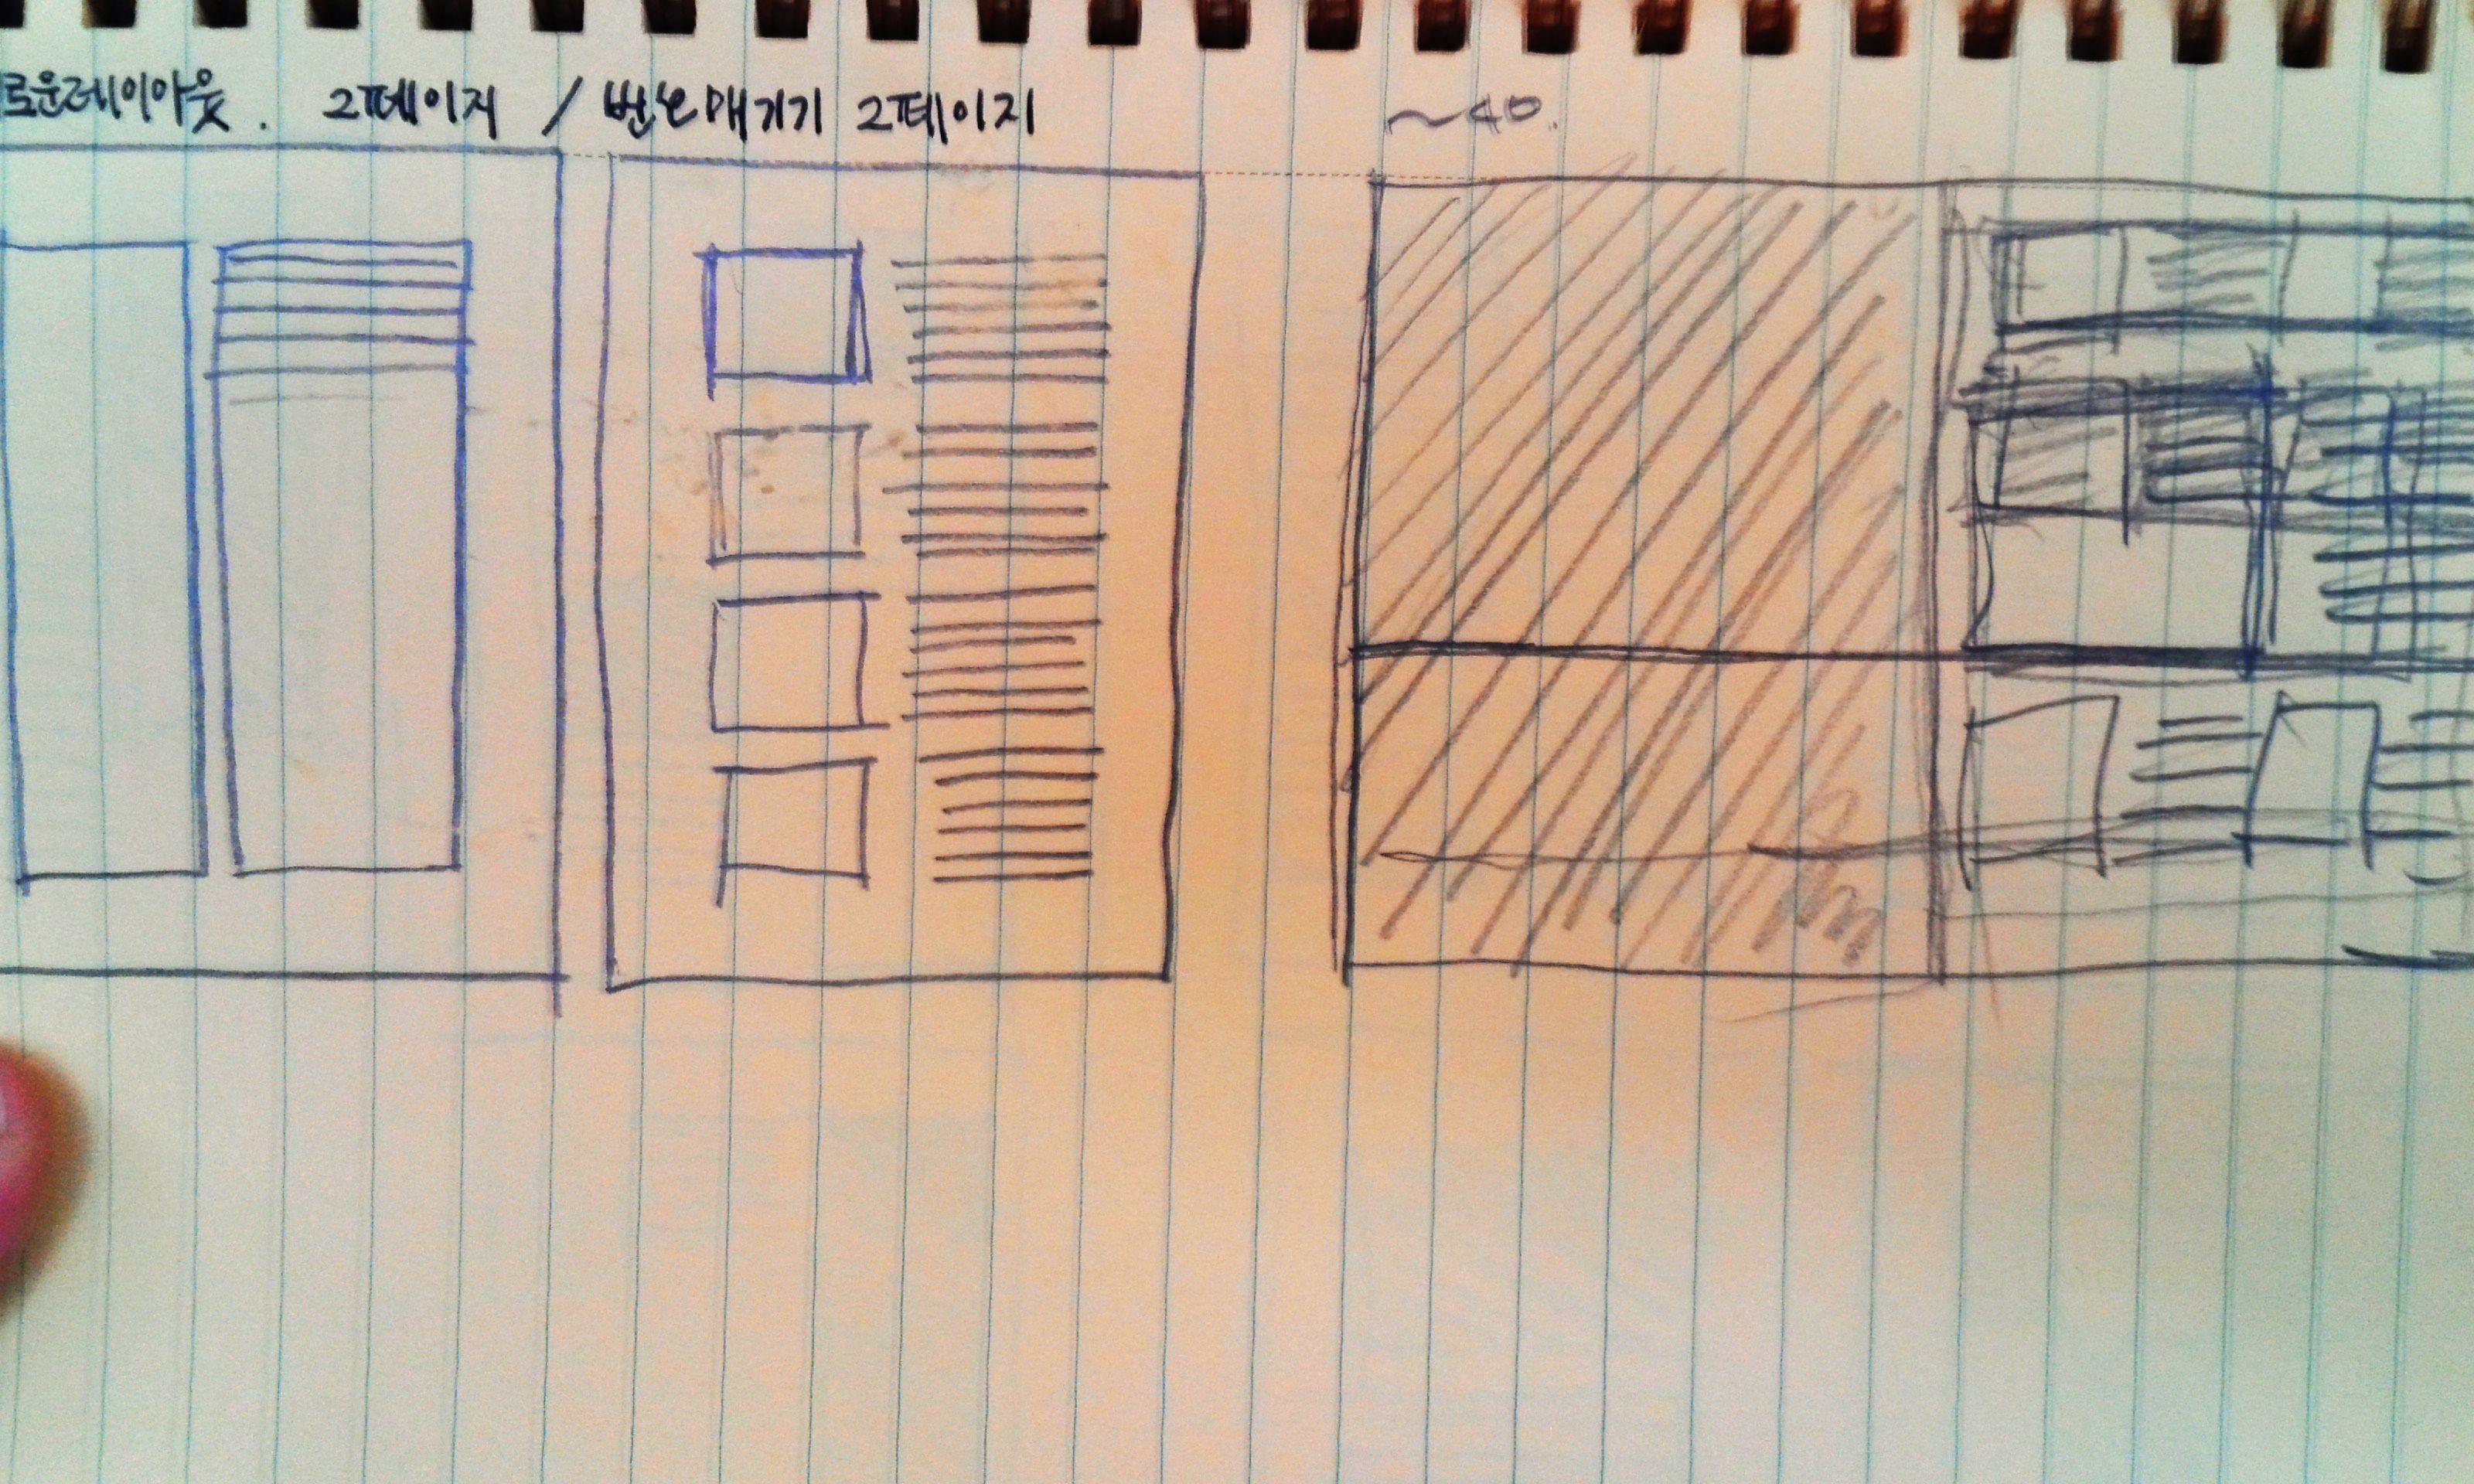 e214A_w4_박지홍_sketch